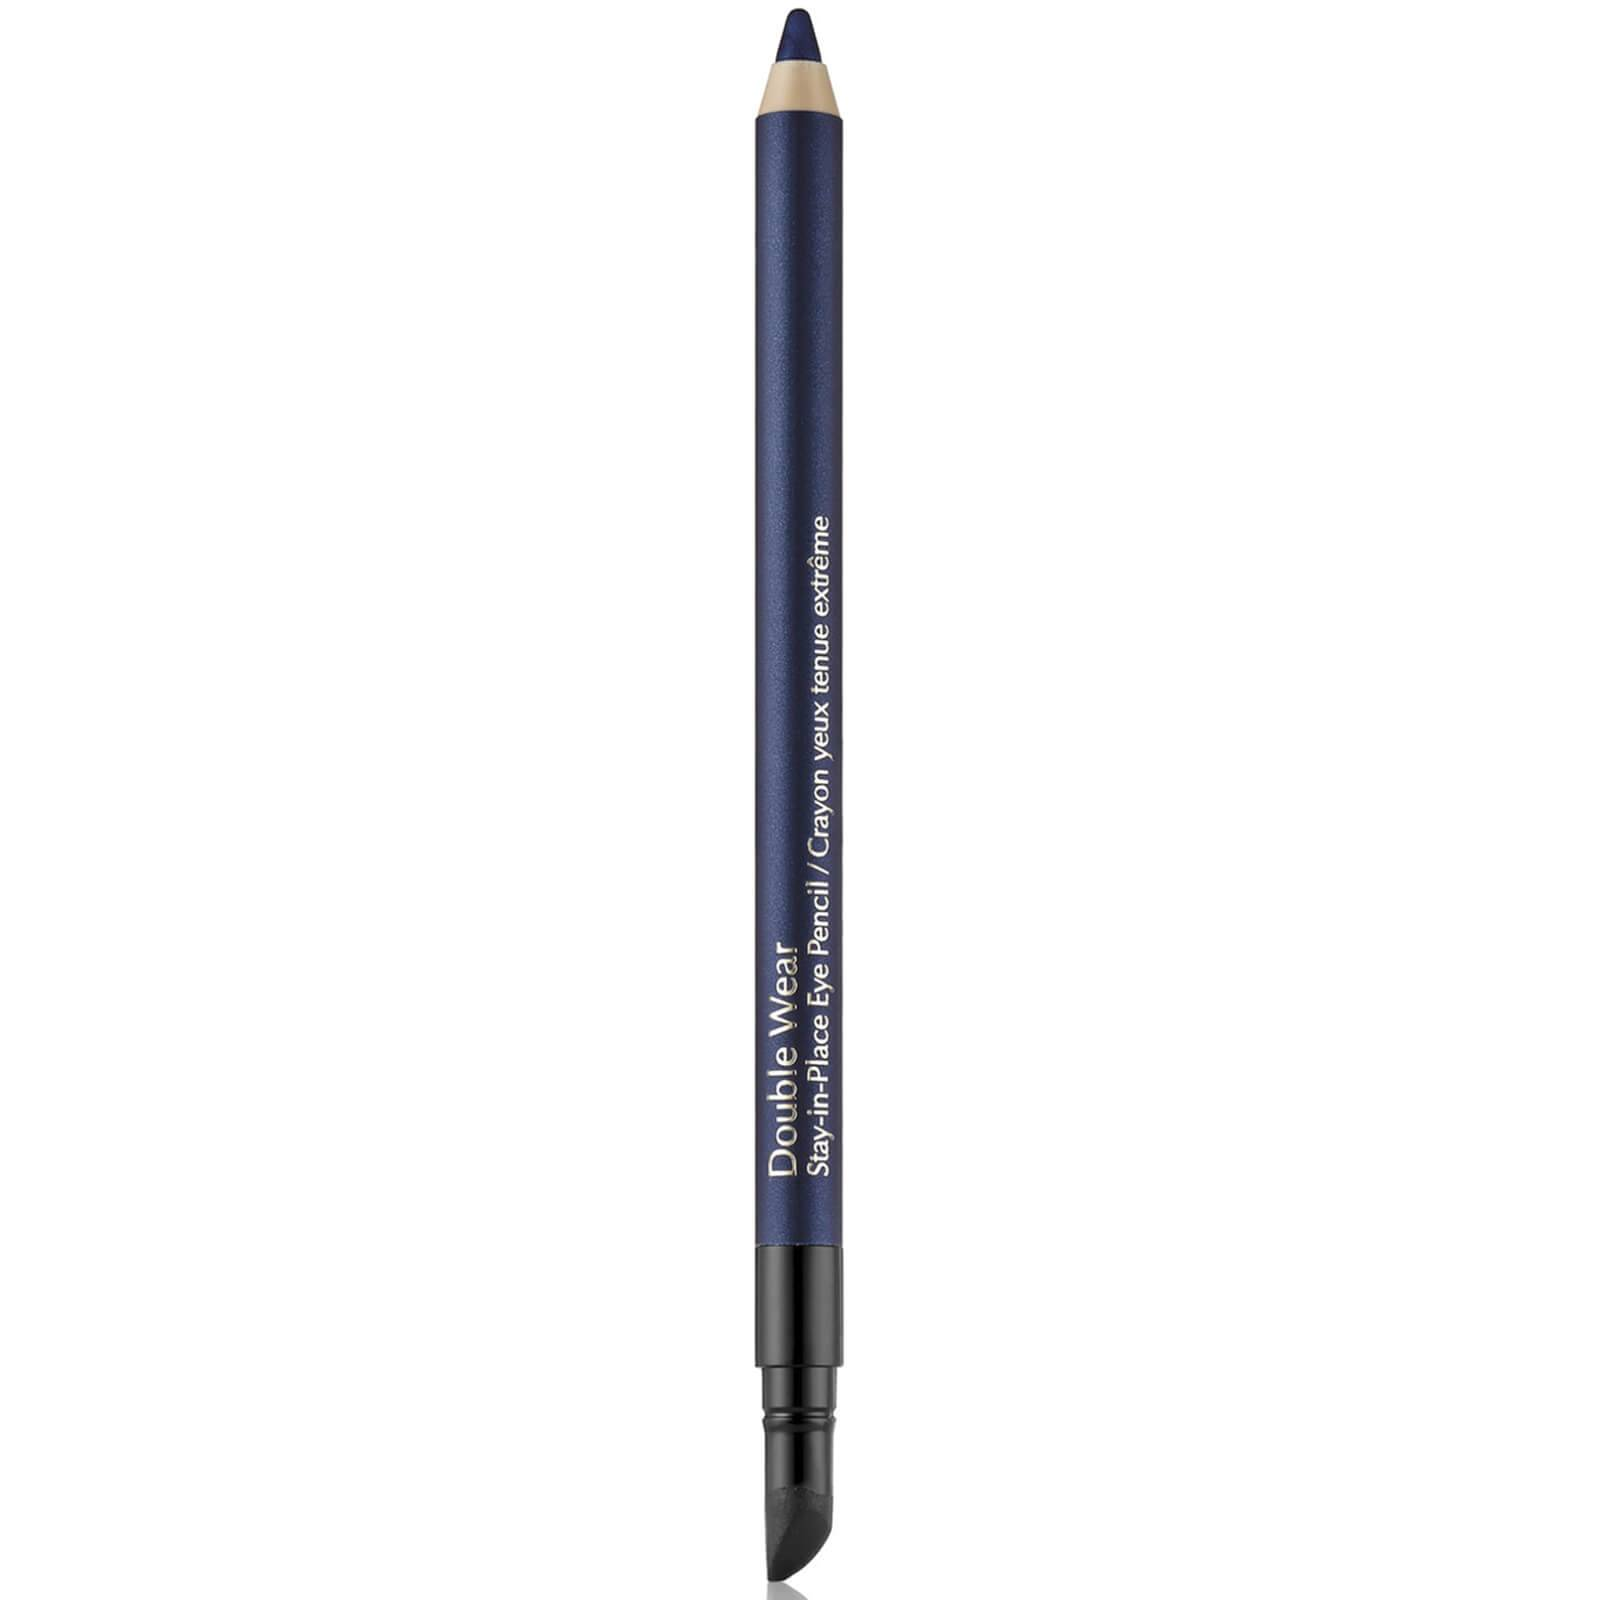 Estée Lauder Crayon Yeux Tenue Extrême Double Wear Estée Lauder 1,2g - Sapphire